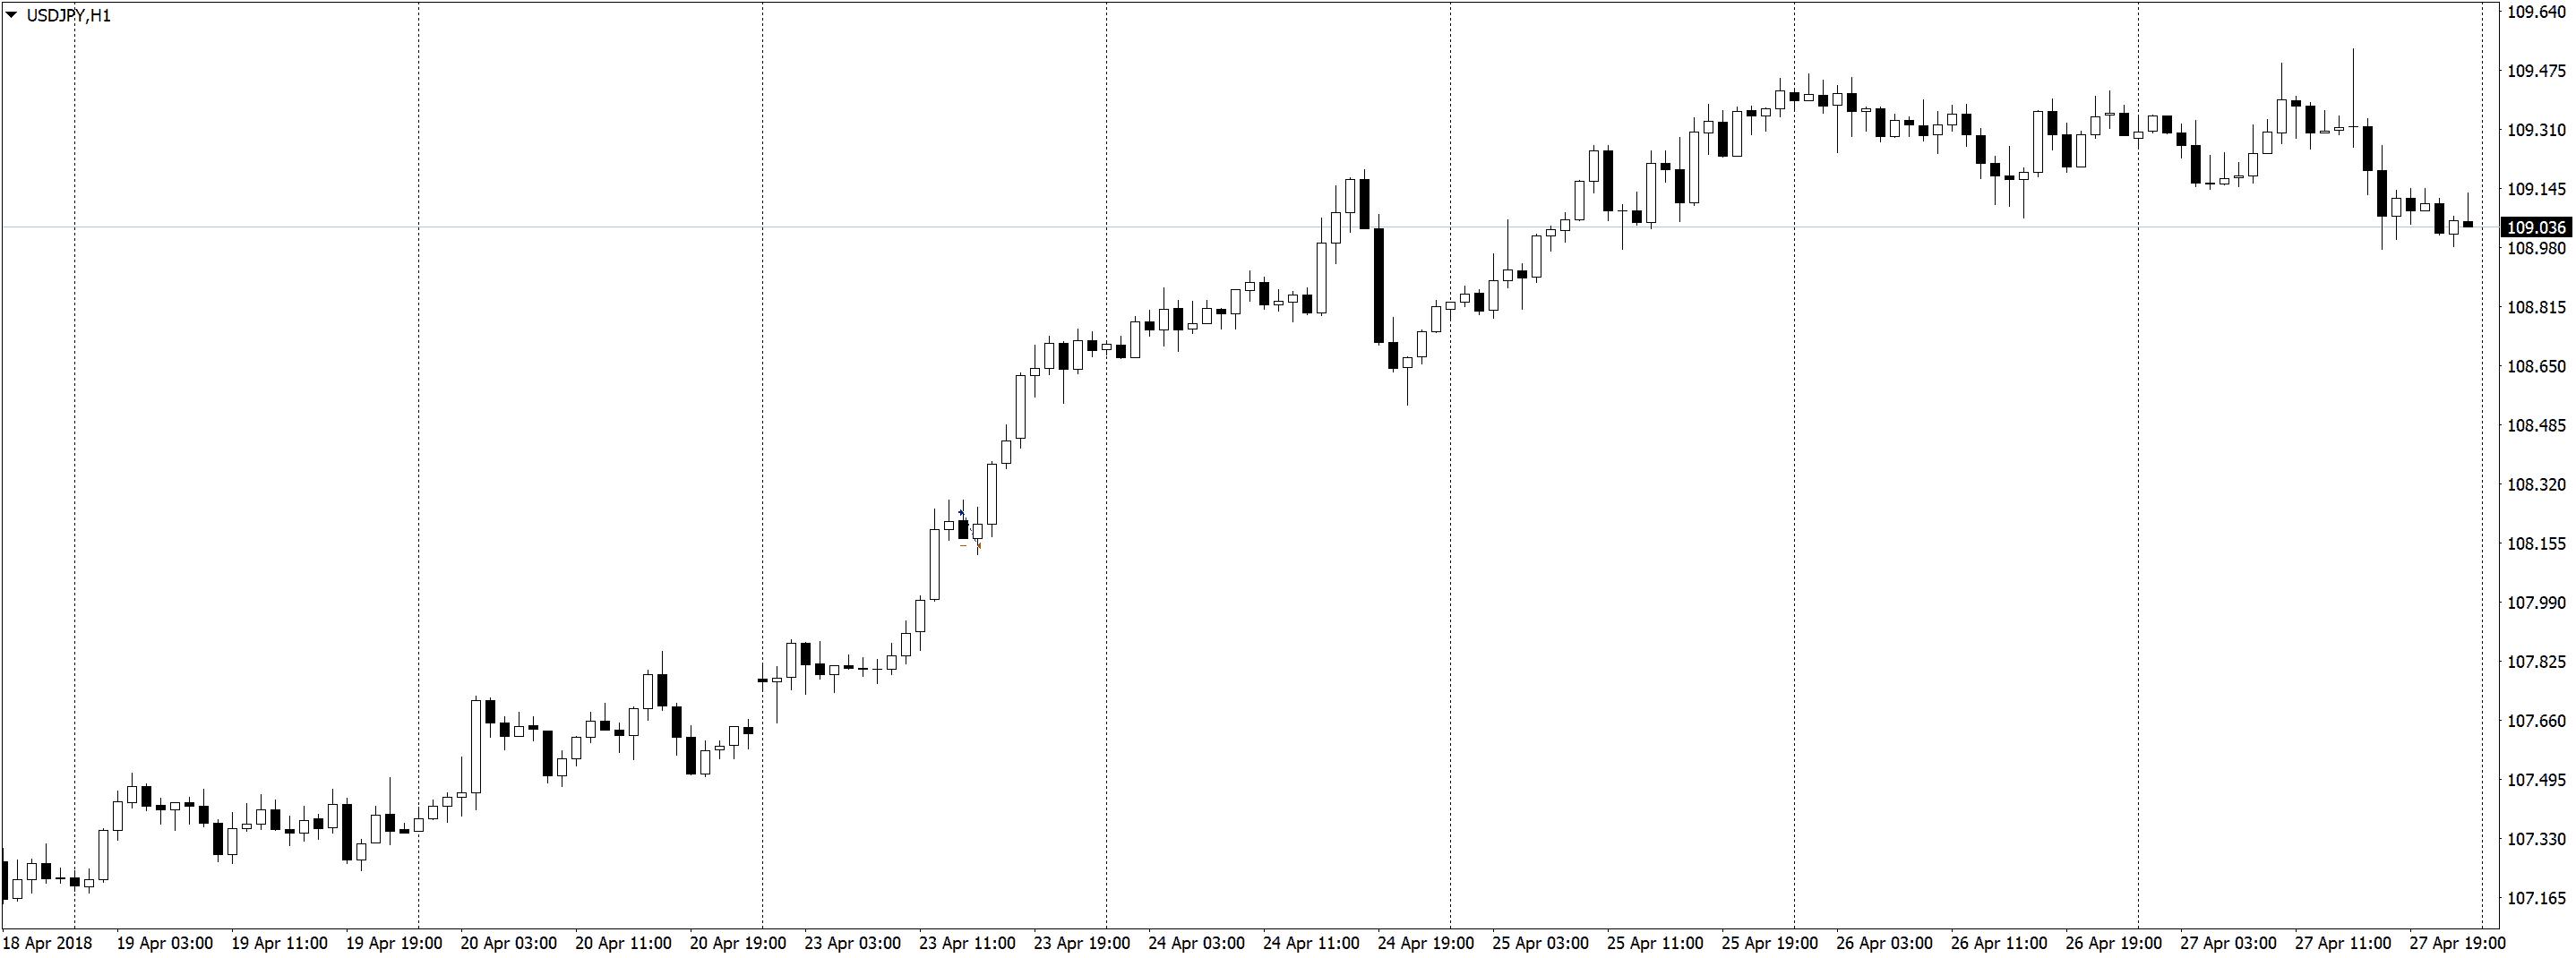 USDJPYH1 Трейдинг по часовым графикам, немного сделок, спокойная торговля